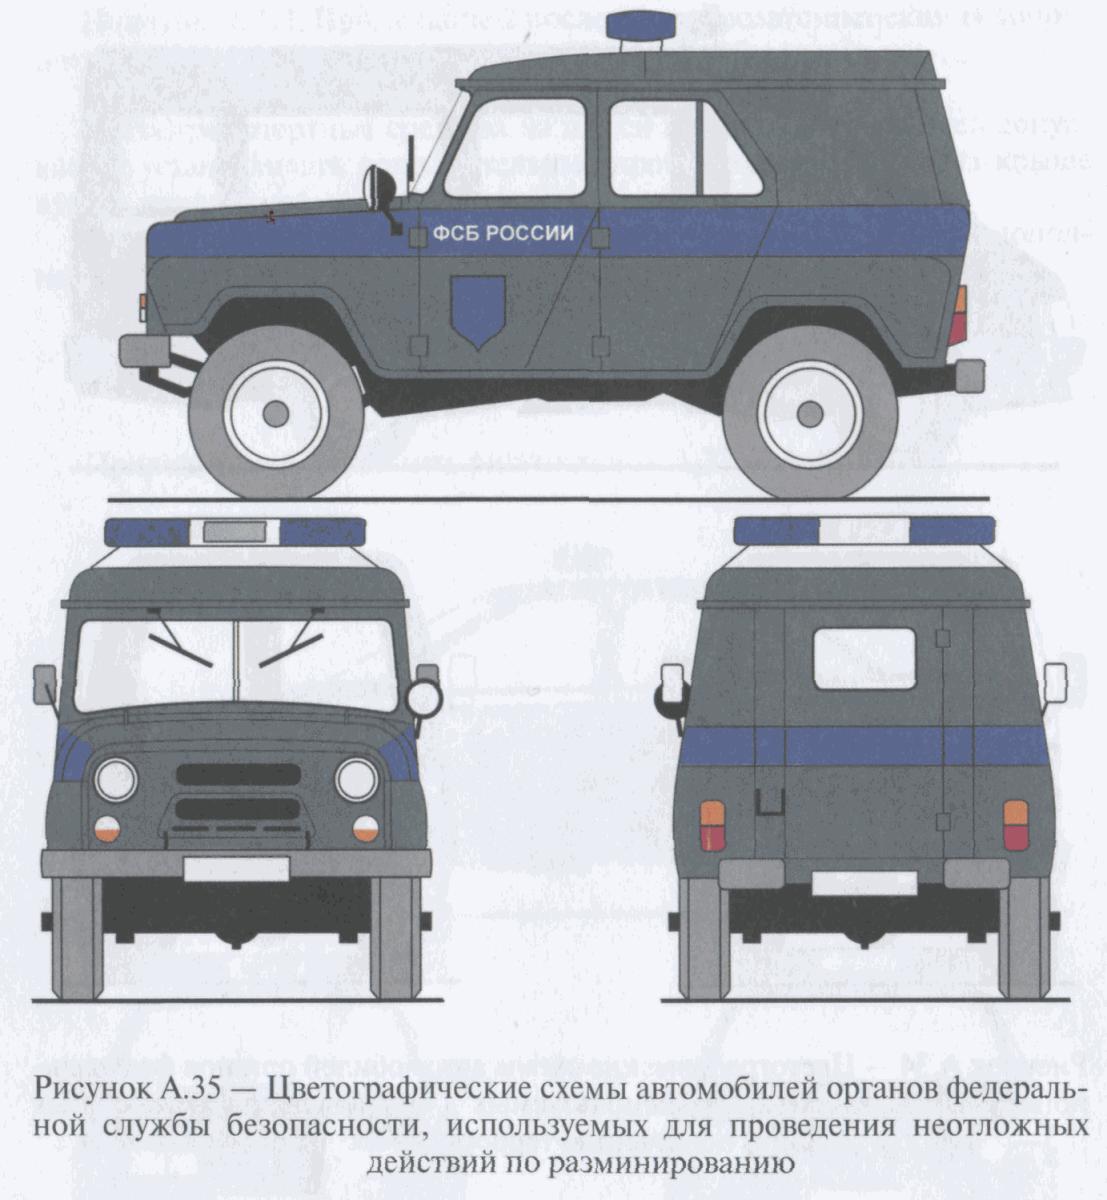 РИСУНОК A.35 (К ИЗМЕНЕНИЮ N 2 ГОСТ Р 50574-2002)